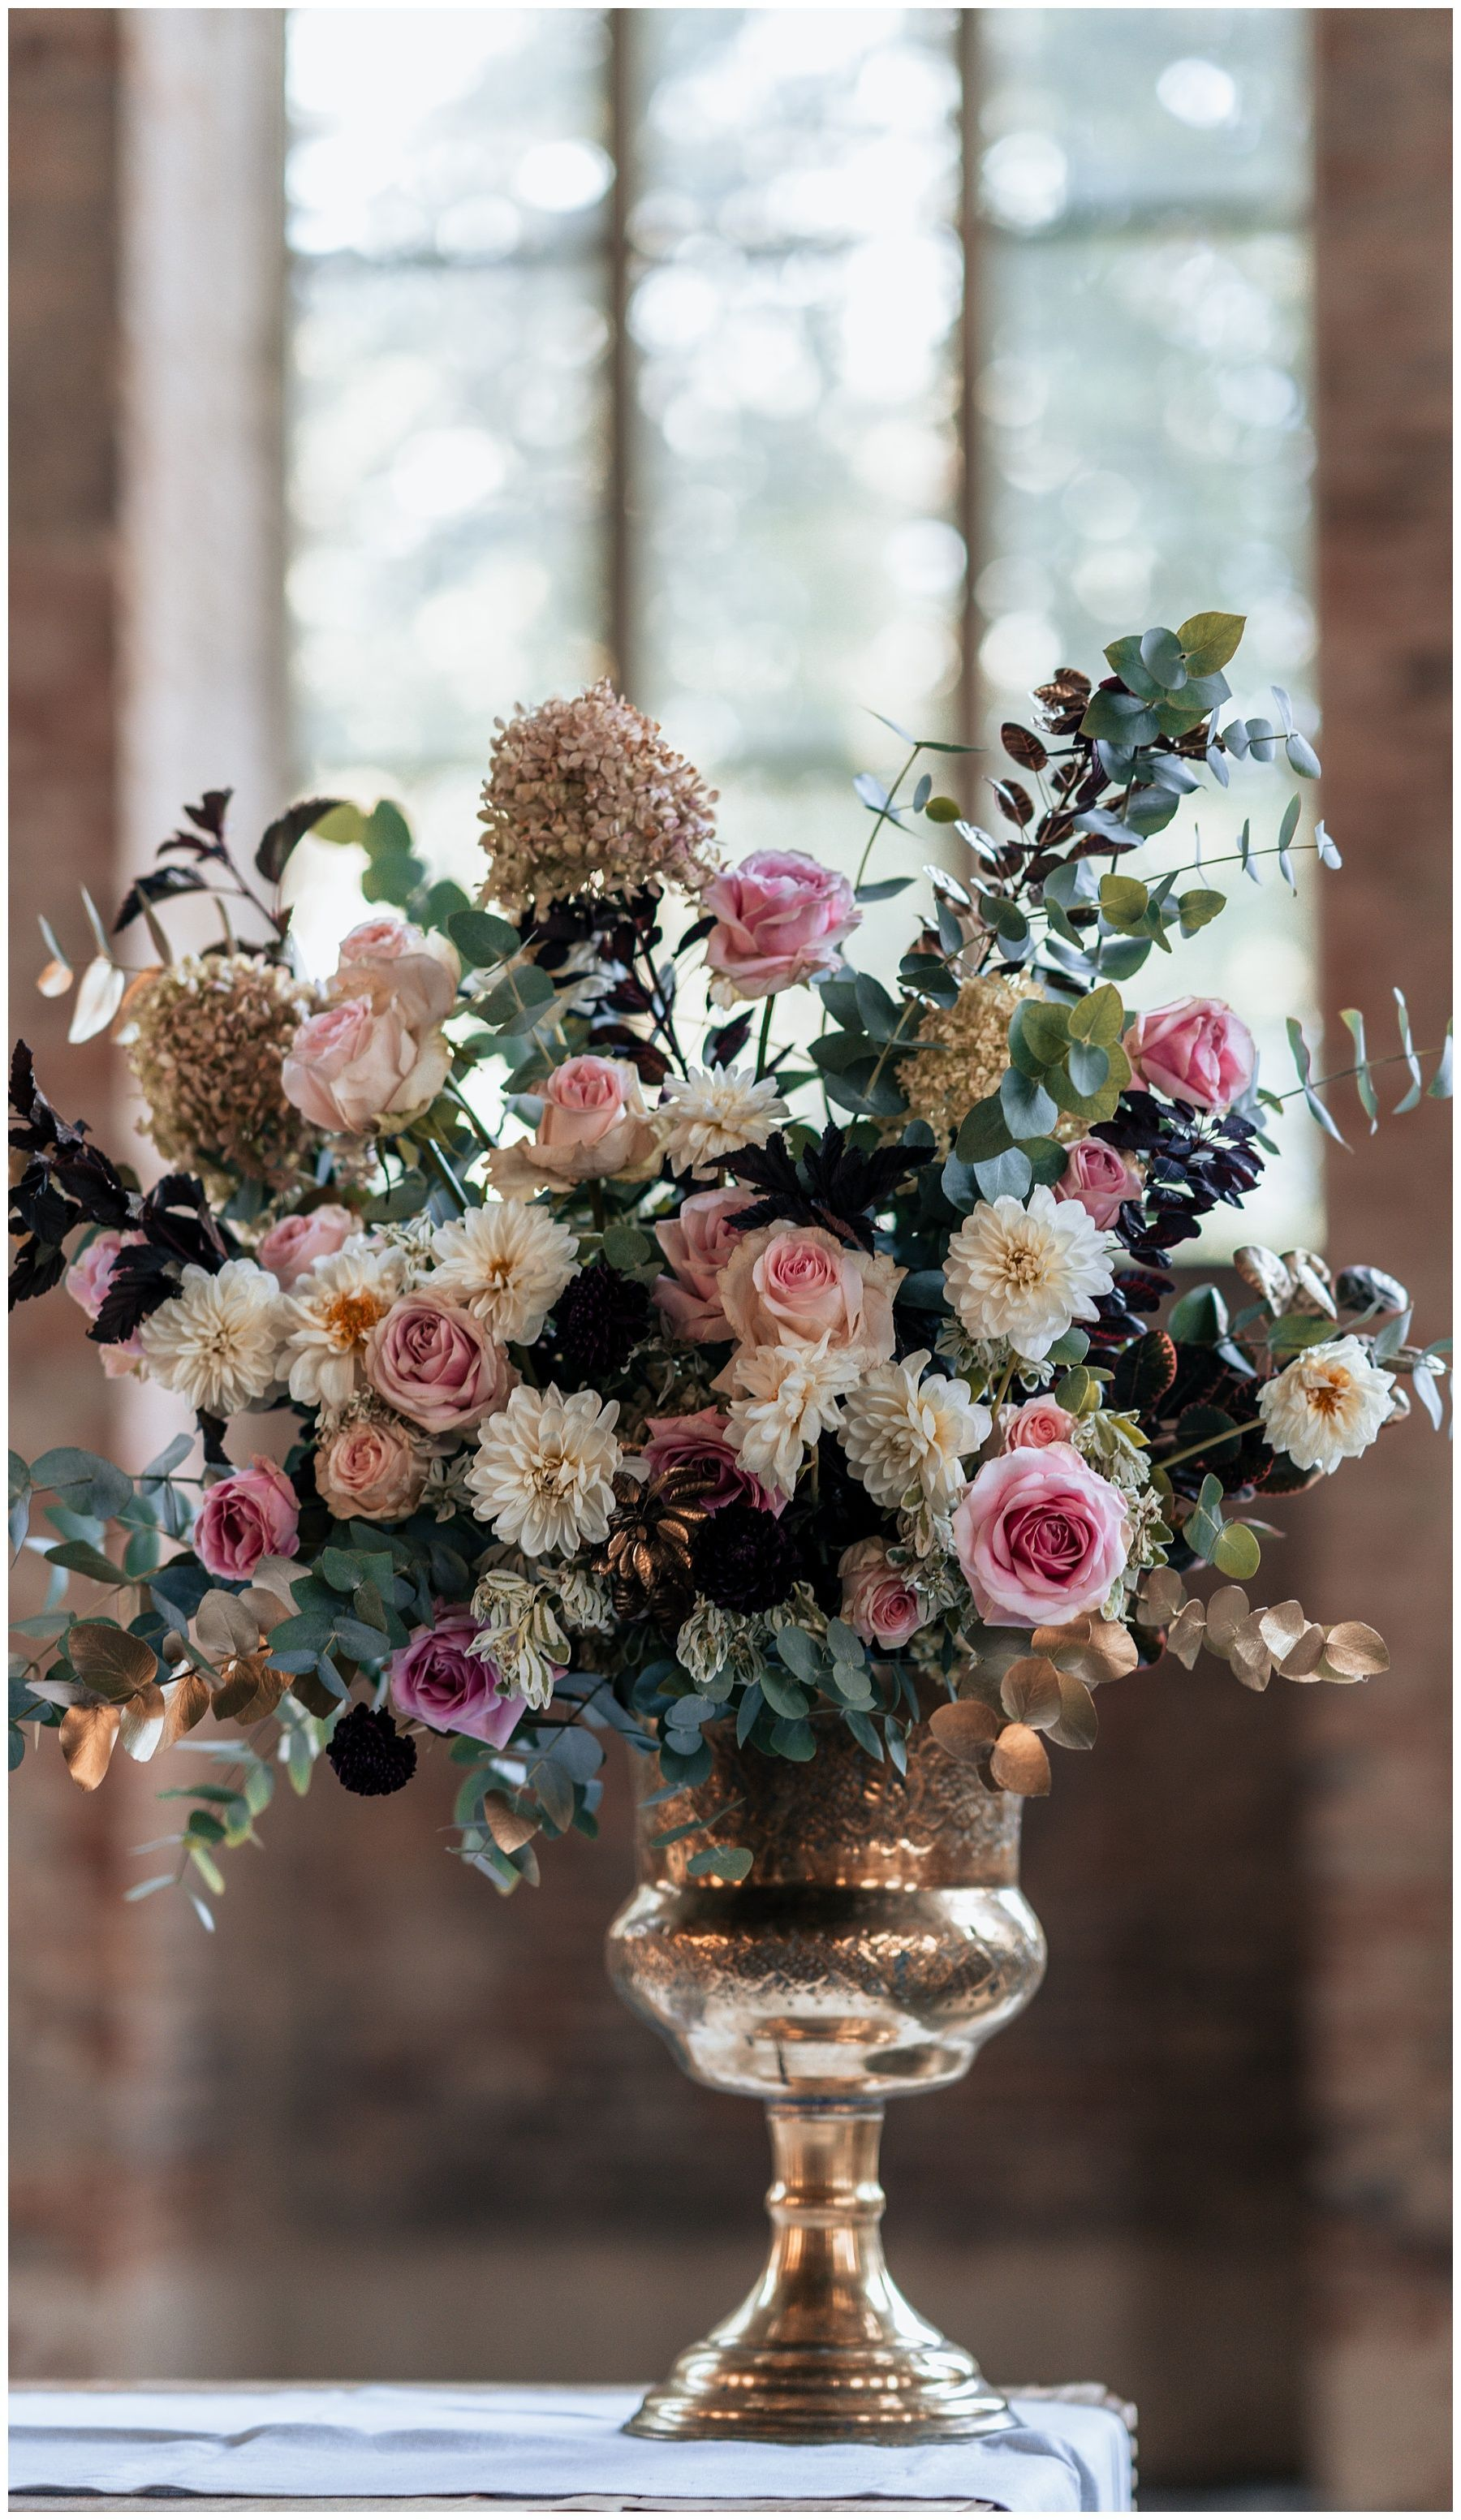 2018 Clarchens Ballhaus Spiegelsaal Hochzeit Anna Und Jan Blumenarrangements Blumen Vase Schone Blumen